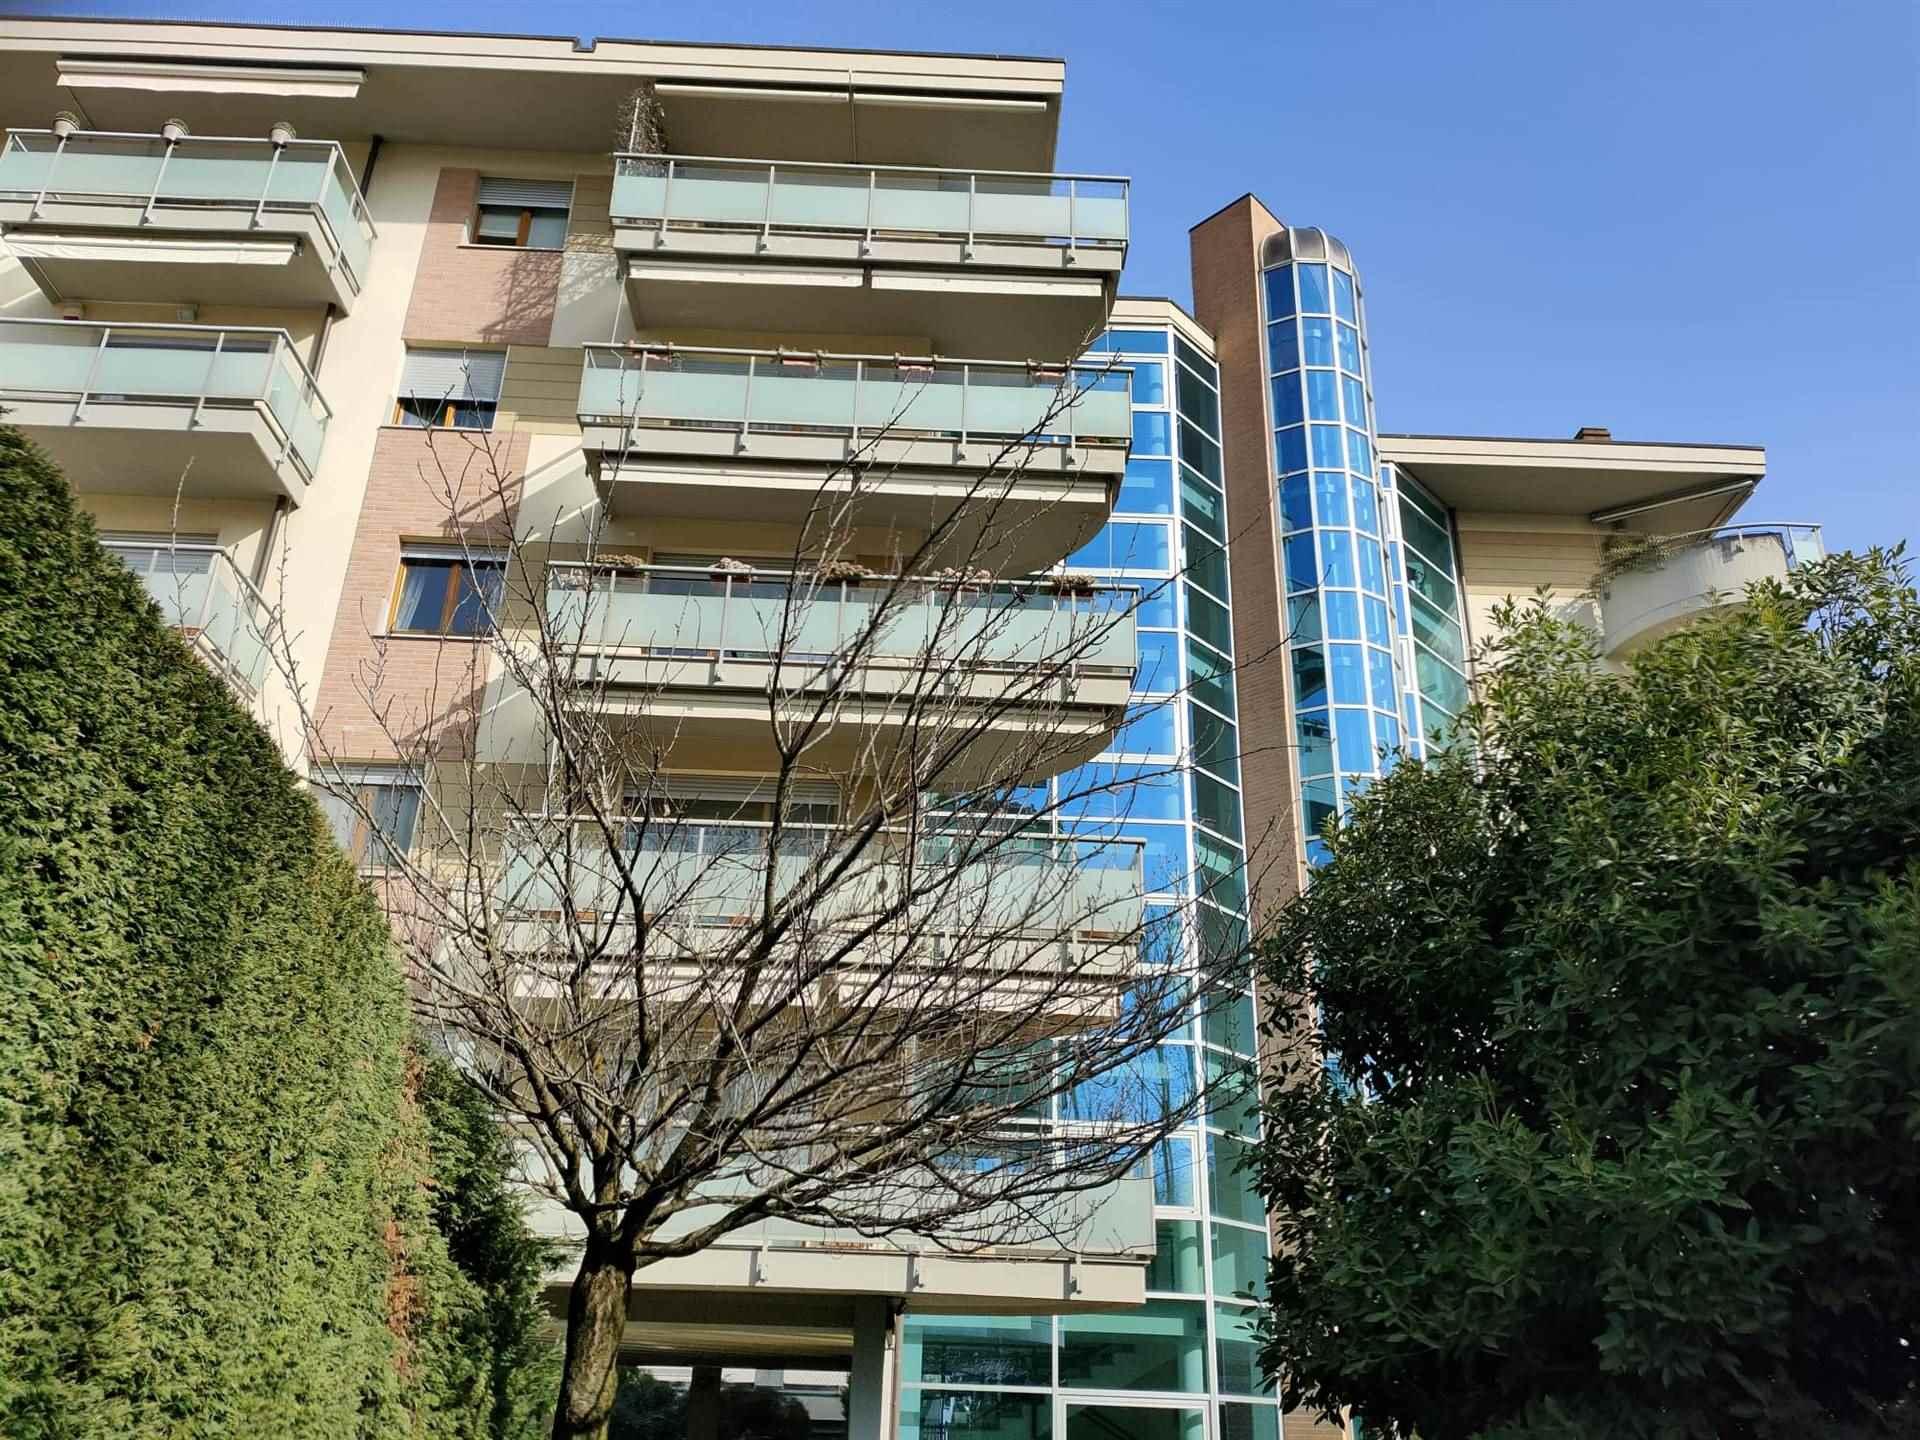 Signorile appartamento di mq. 285 c.a oltre a terrazzo arredato di mq. 60 e 5 balconi - tripla esposizione. Sito al 4° piano su 5, ha l'ingresso